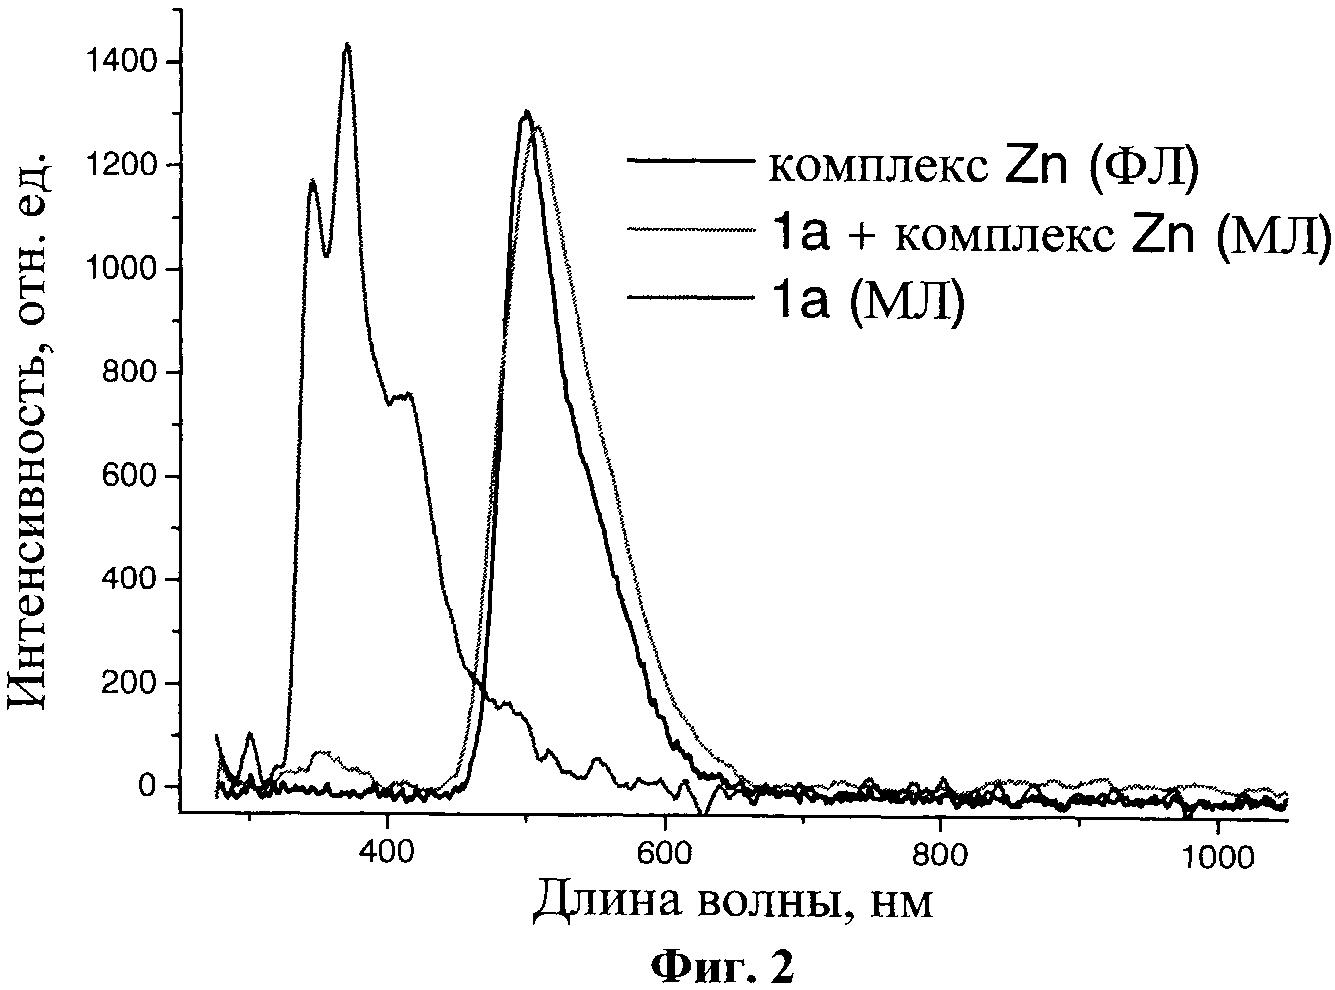 Применение производных 4-бифенилкарбоновой кислоты в качестве органического механолюминесцентного материала и механолюминесцентная композиция